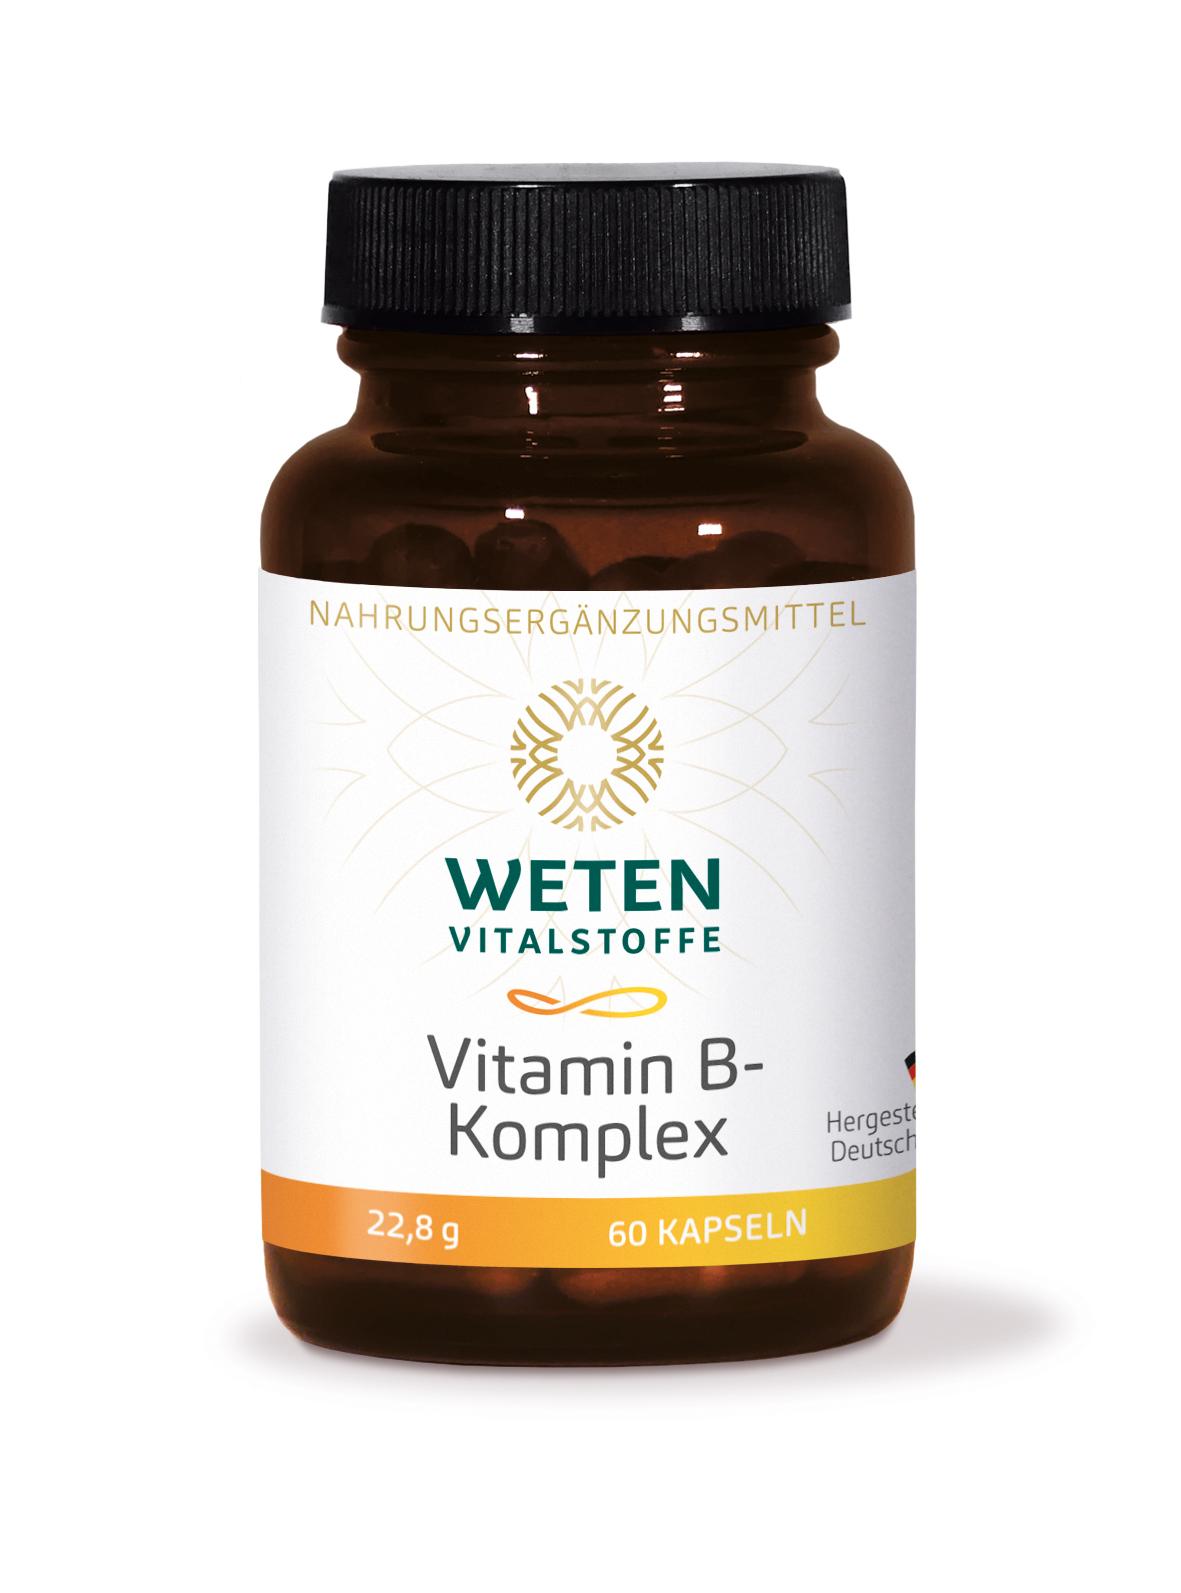 Vorschaubild: Vitamin B-Komplex